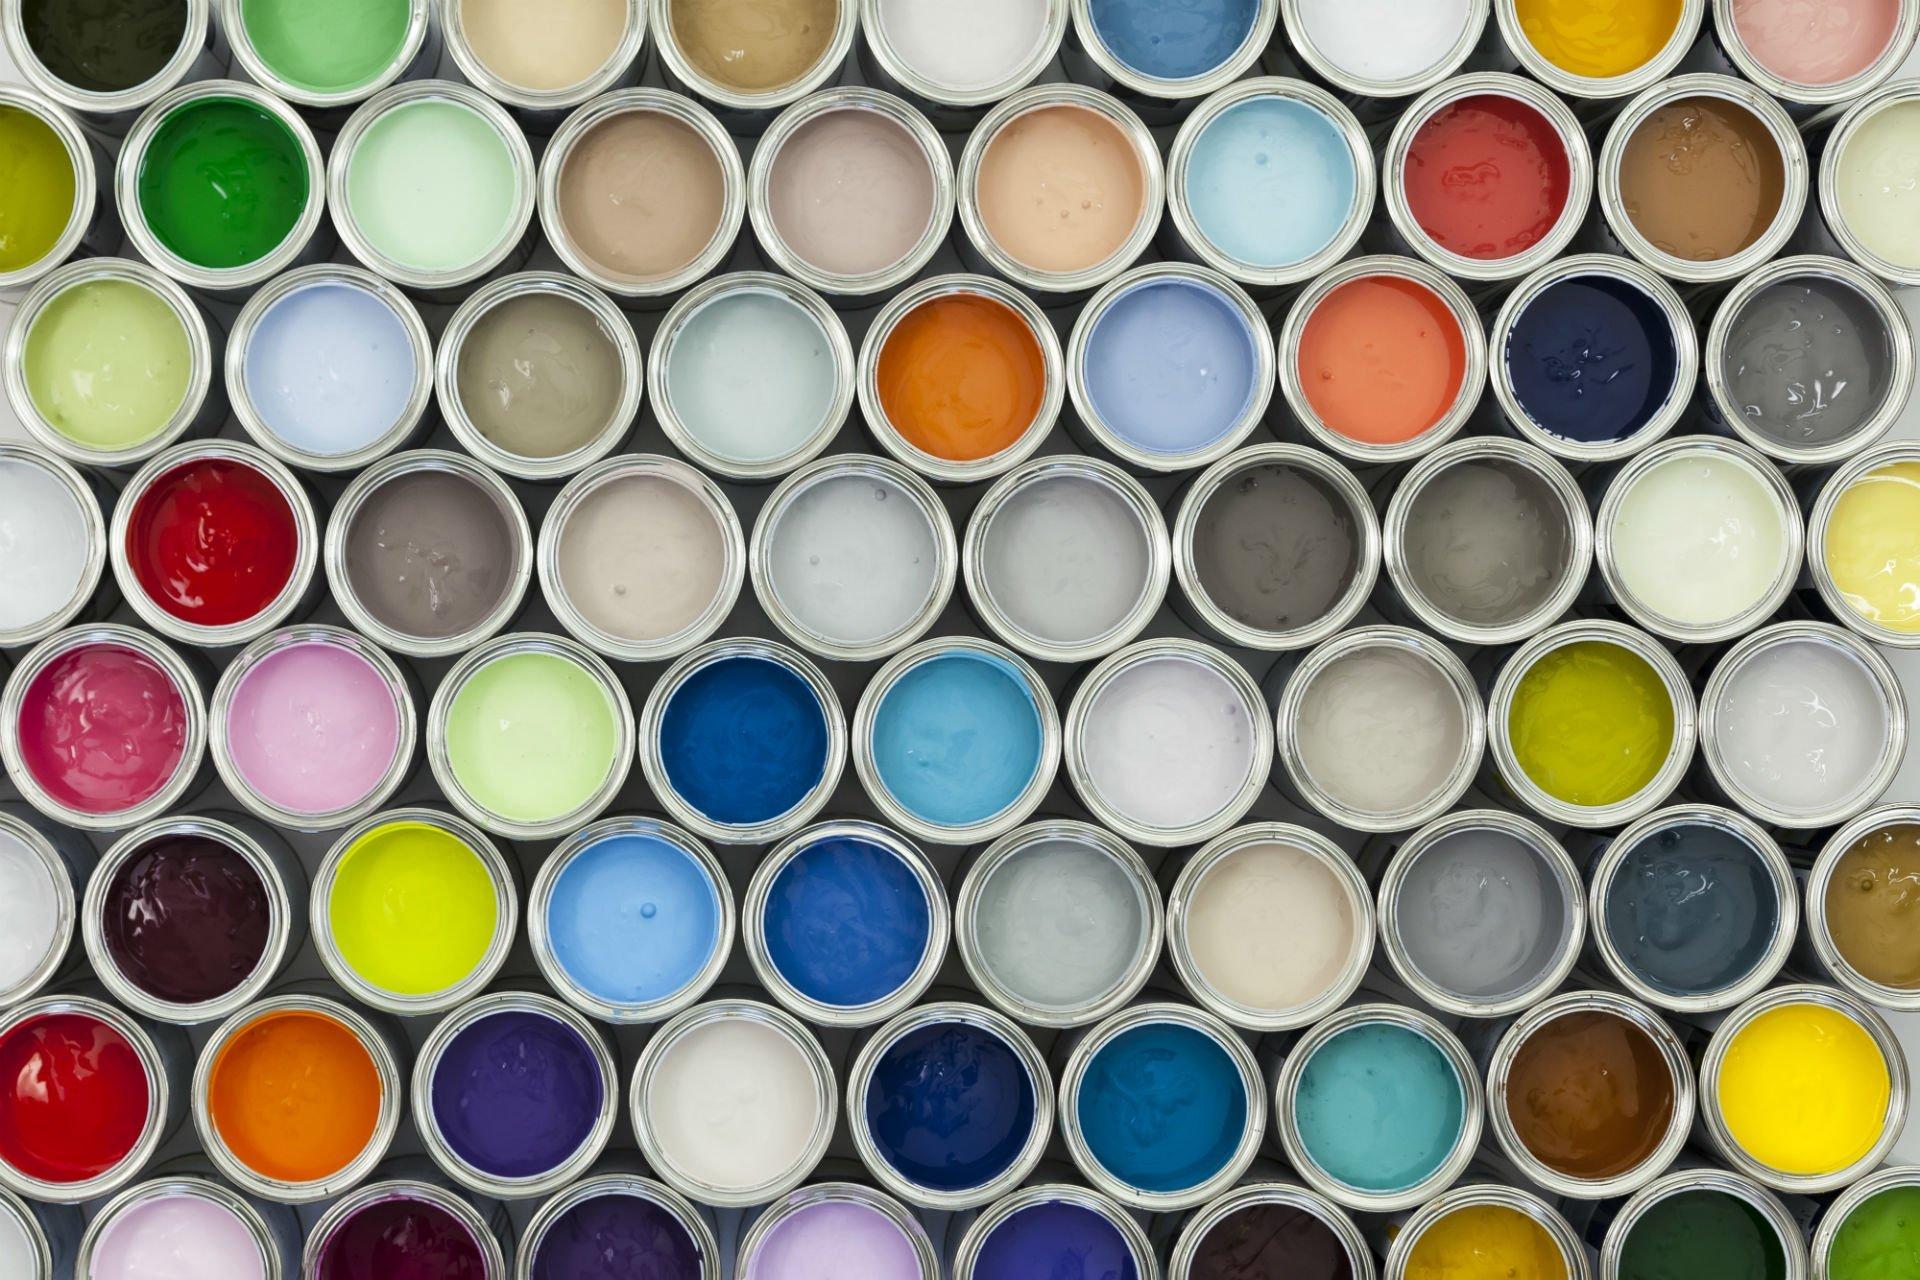 dei barattoli di vernice di diversi colori